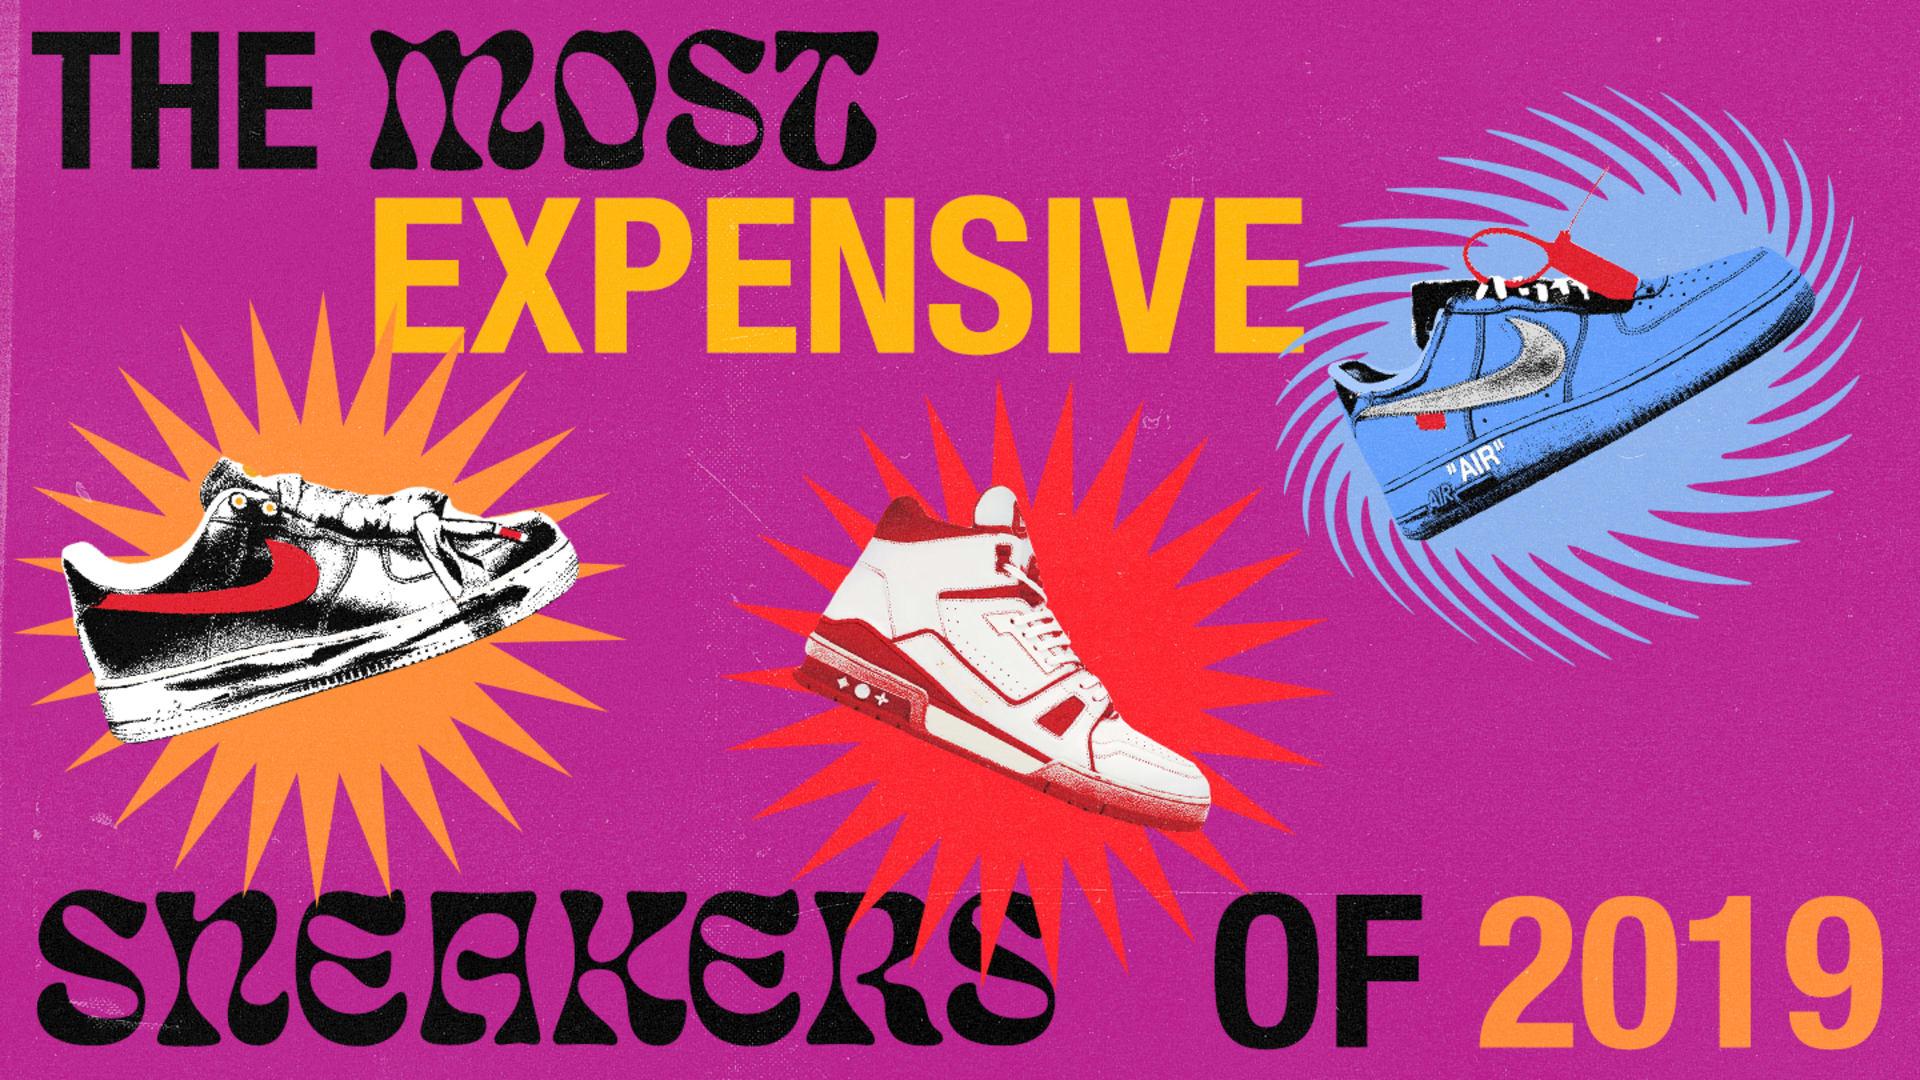 BESTOF2019 ExpensiveSneakers